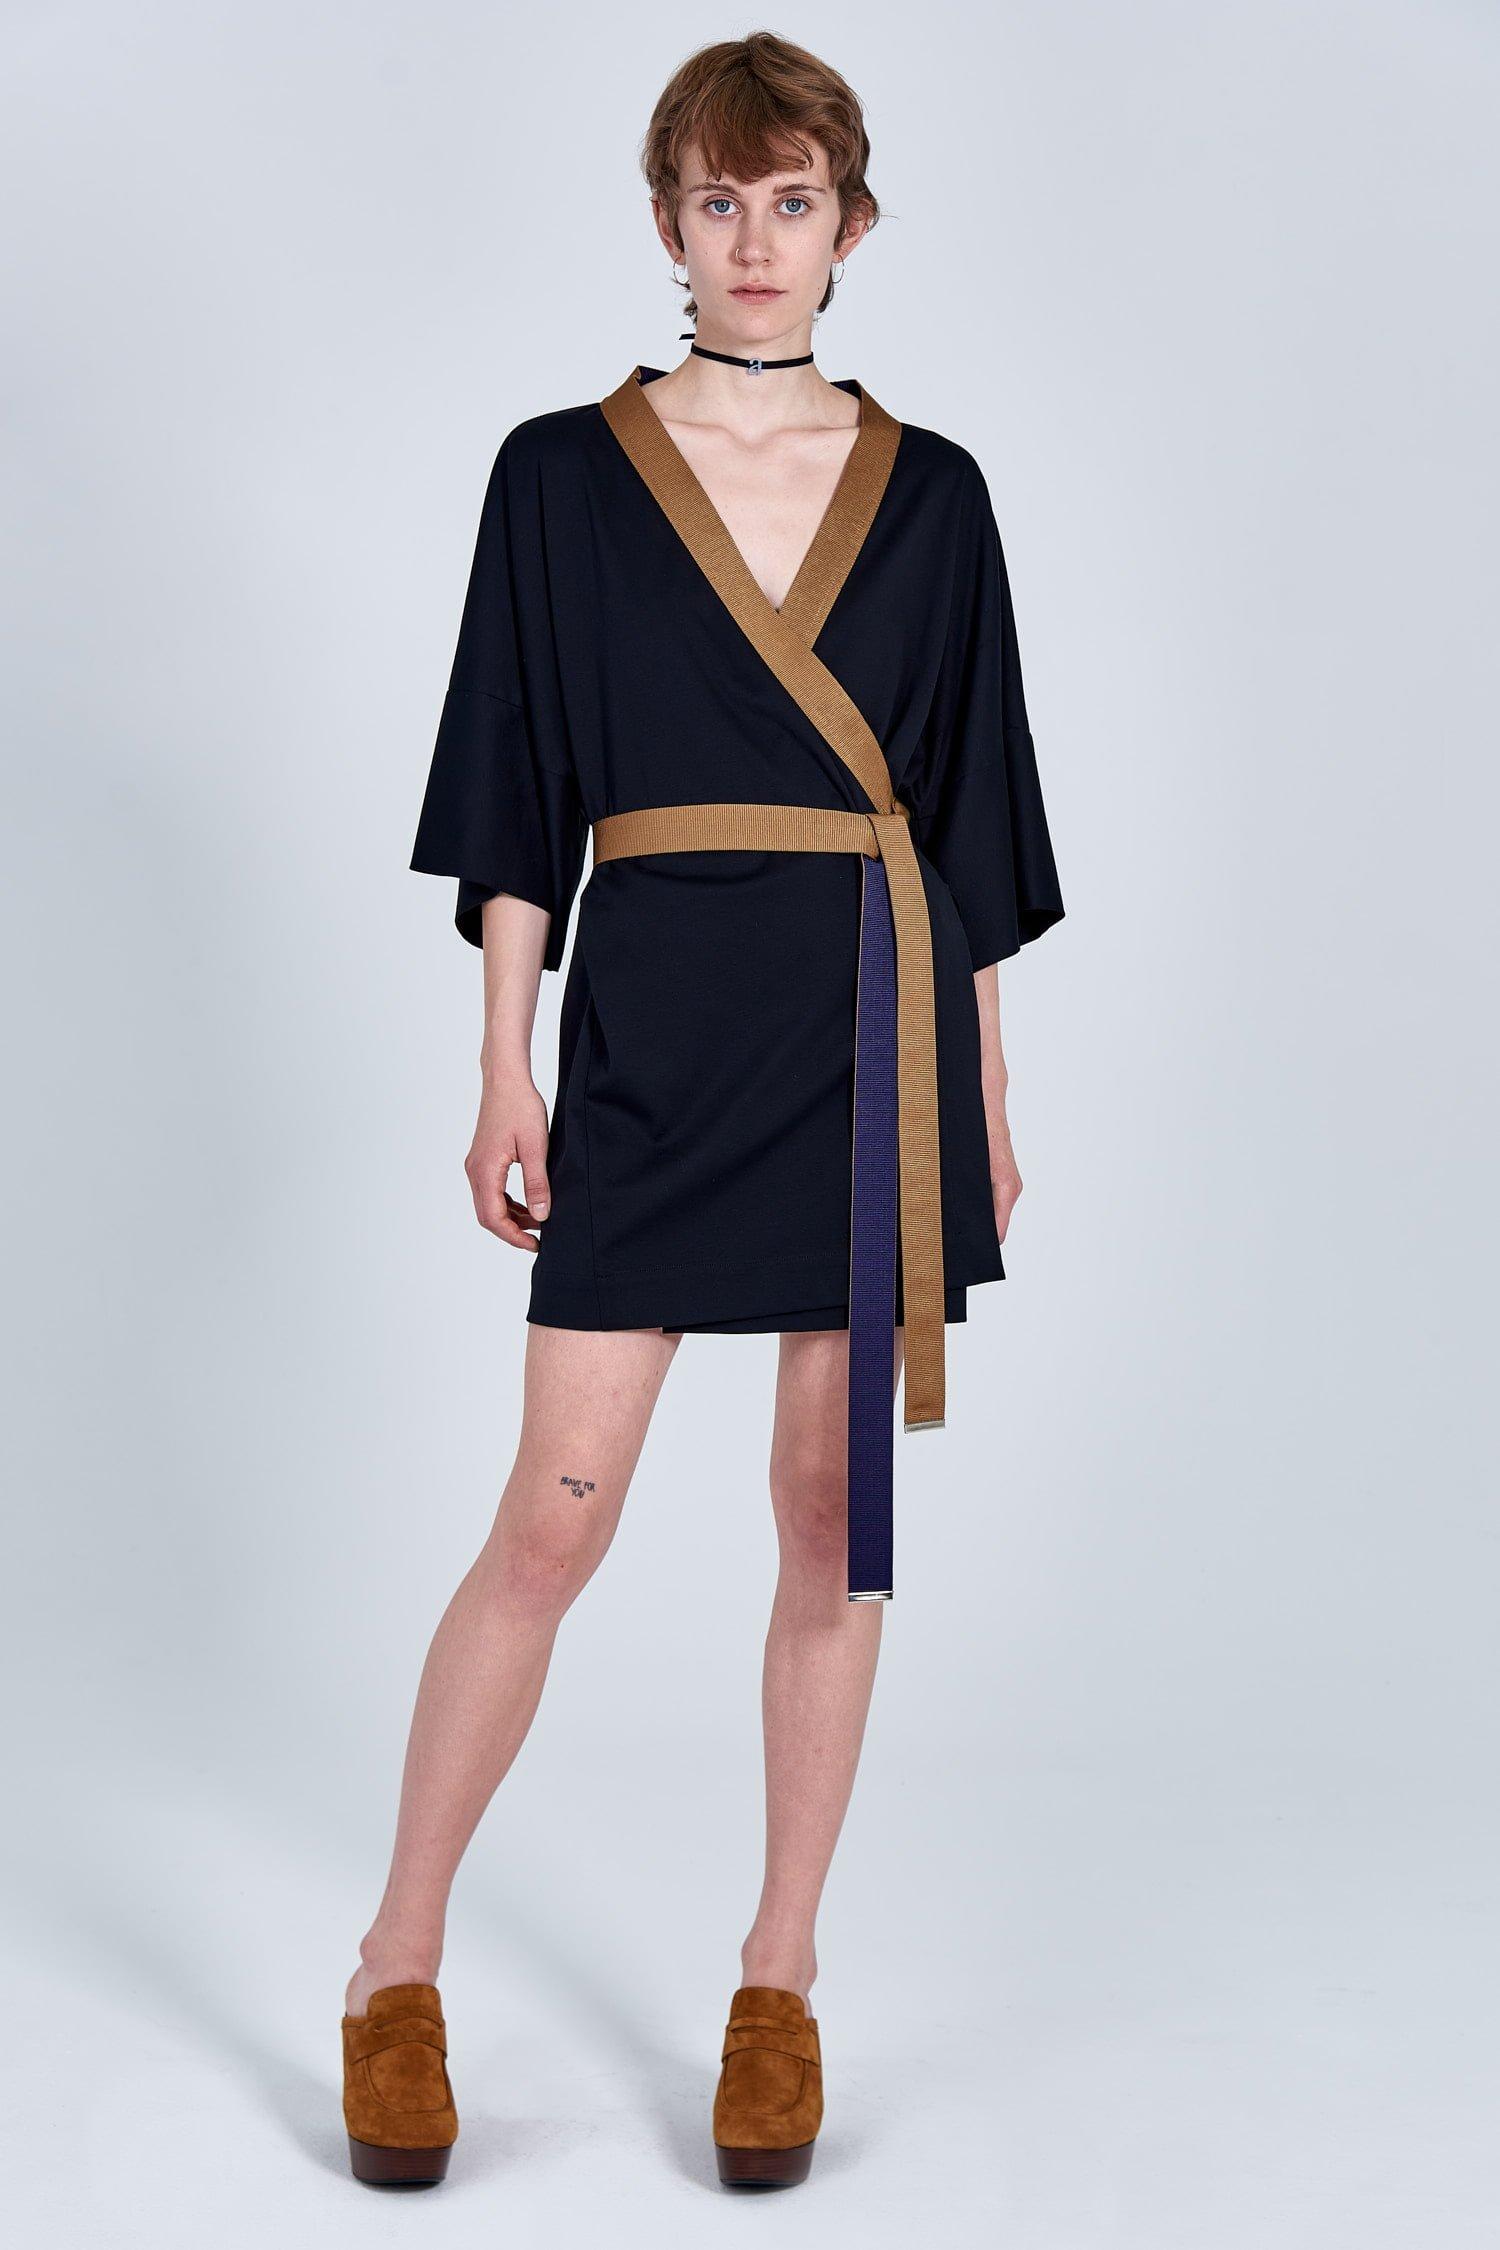 Acephala Fw 2020 21 Black Unisex Kimono With Embroidery On Back Female